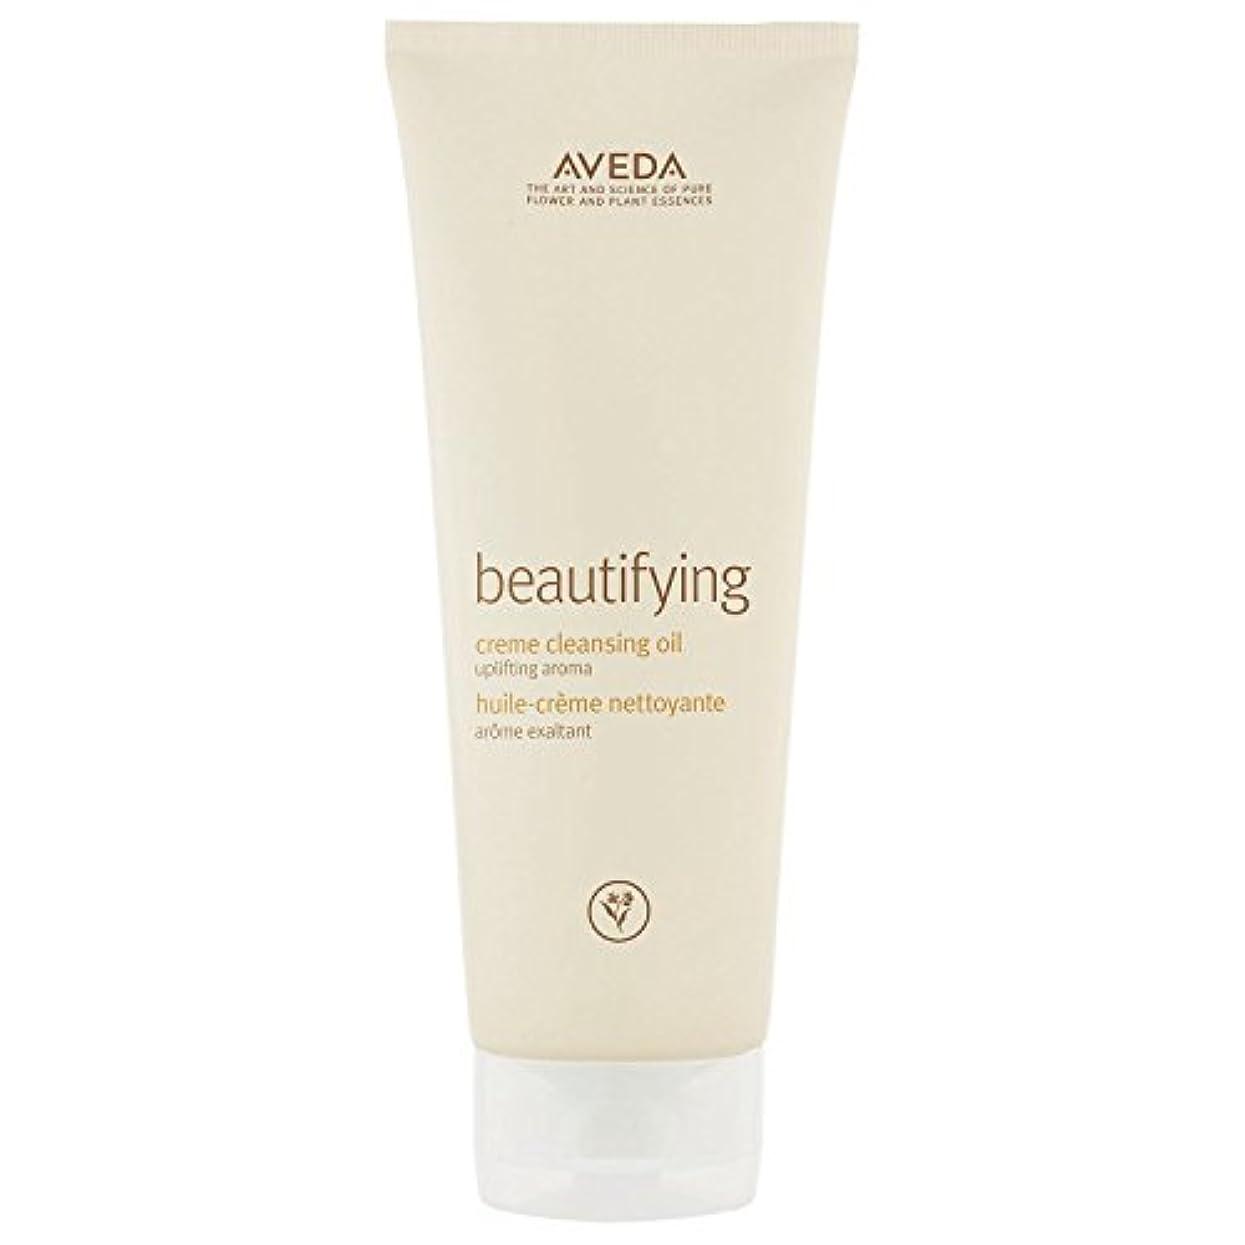 飼いならすはげ冷笑する[AVEDA] アヴェダクリームボディクレンザーオイル200ミリリットルを美化 - Aveda Beautifying Cream Body Cleanser Oil 200ml [並行輸入品]